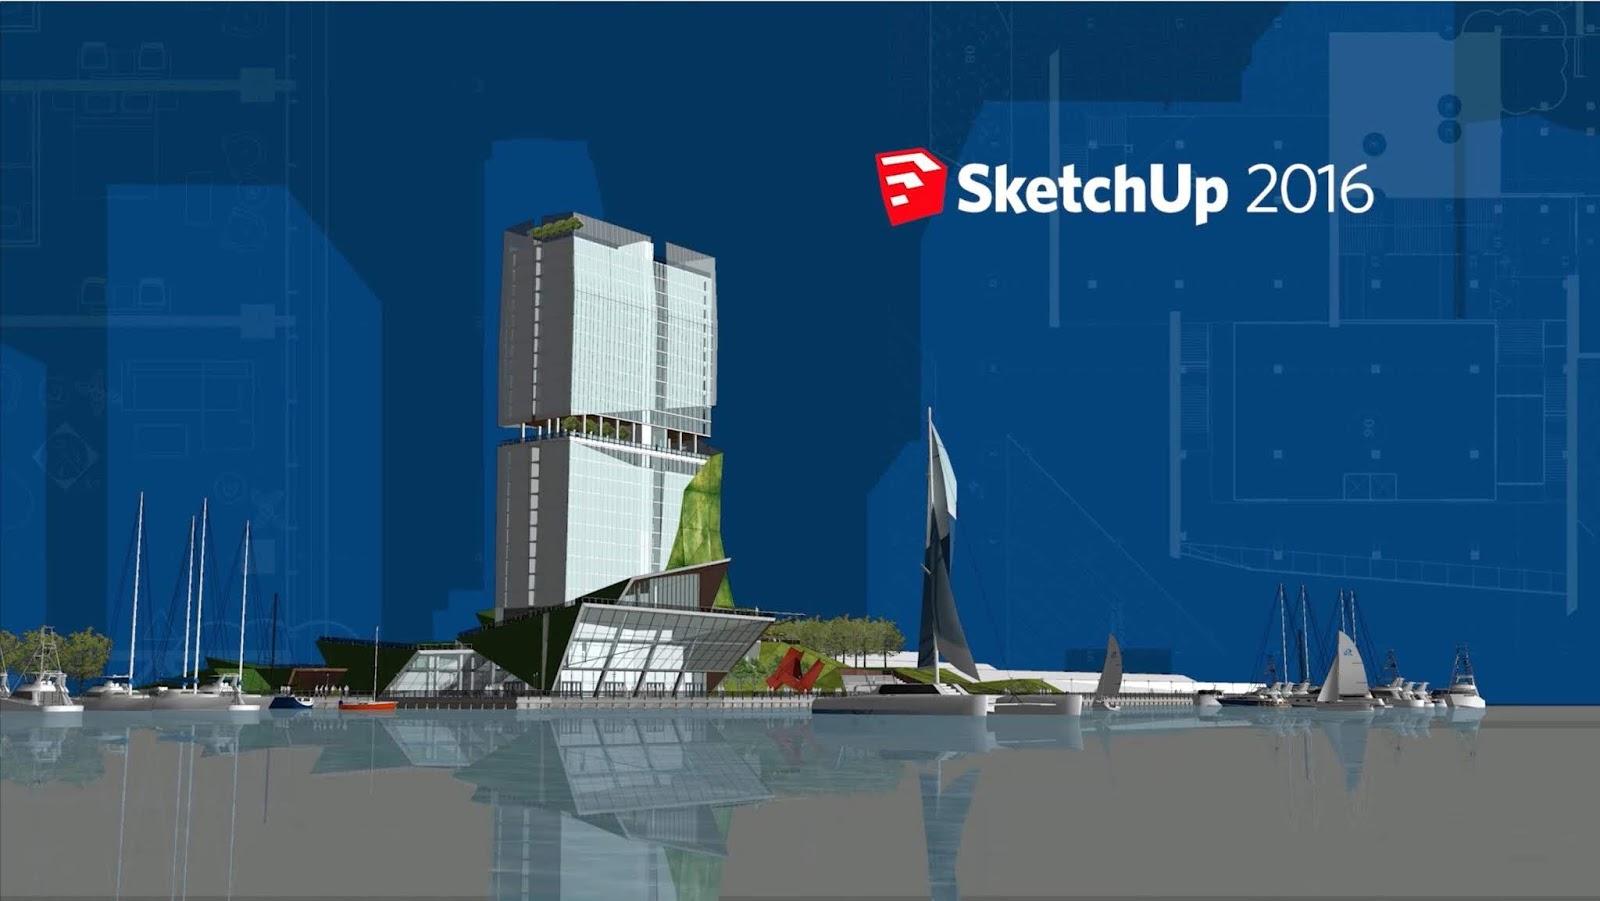 Download Google Sketchup Pro 2016 Full Bản Quyền 32-bit và 64-bit